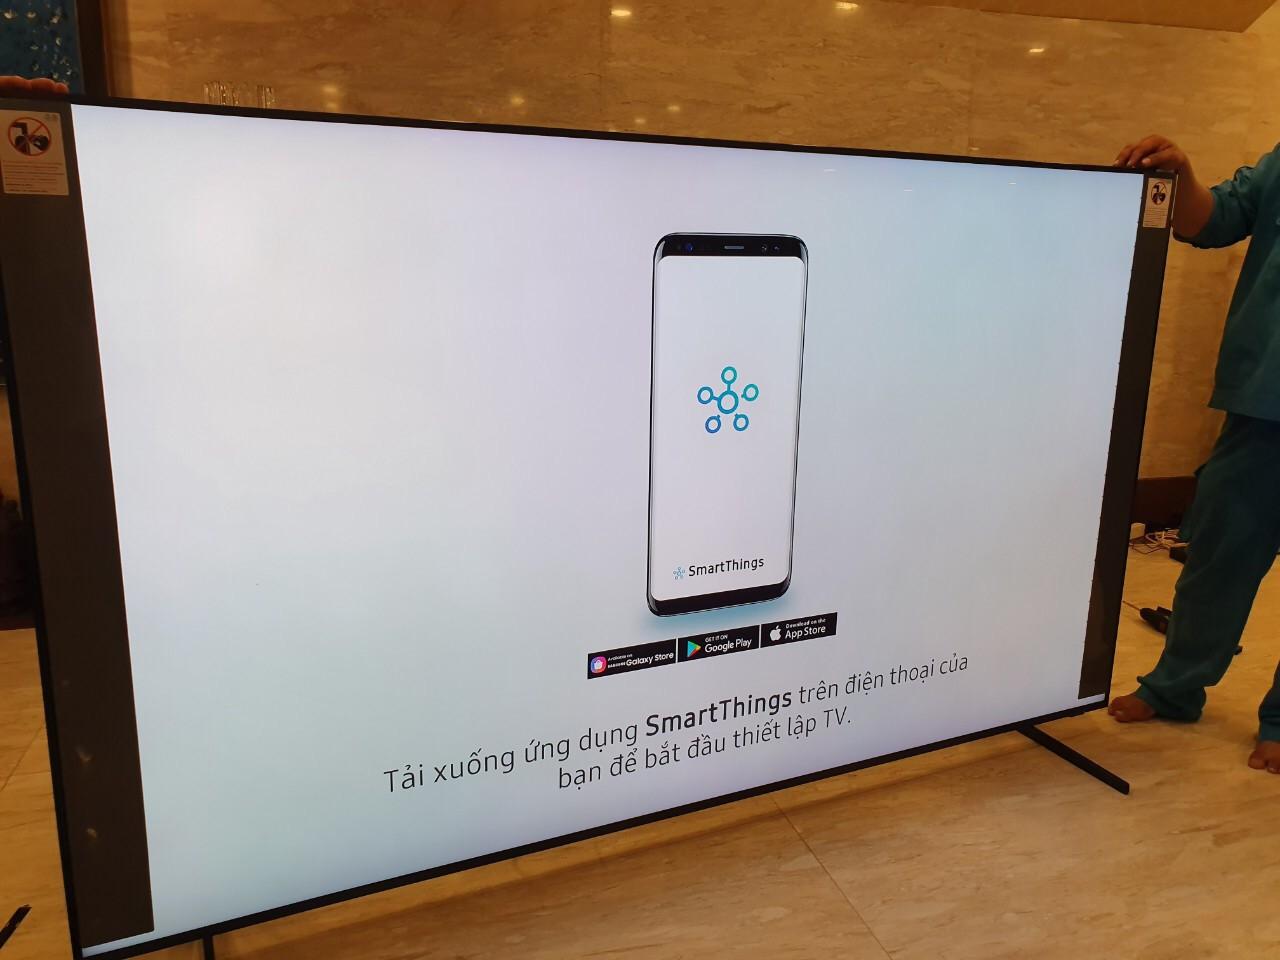 Đã có người đầu tiên trên thế giới mua TV QLED 8K 2 tỷ 3, và đó là người Việt - Ảnh 3.